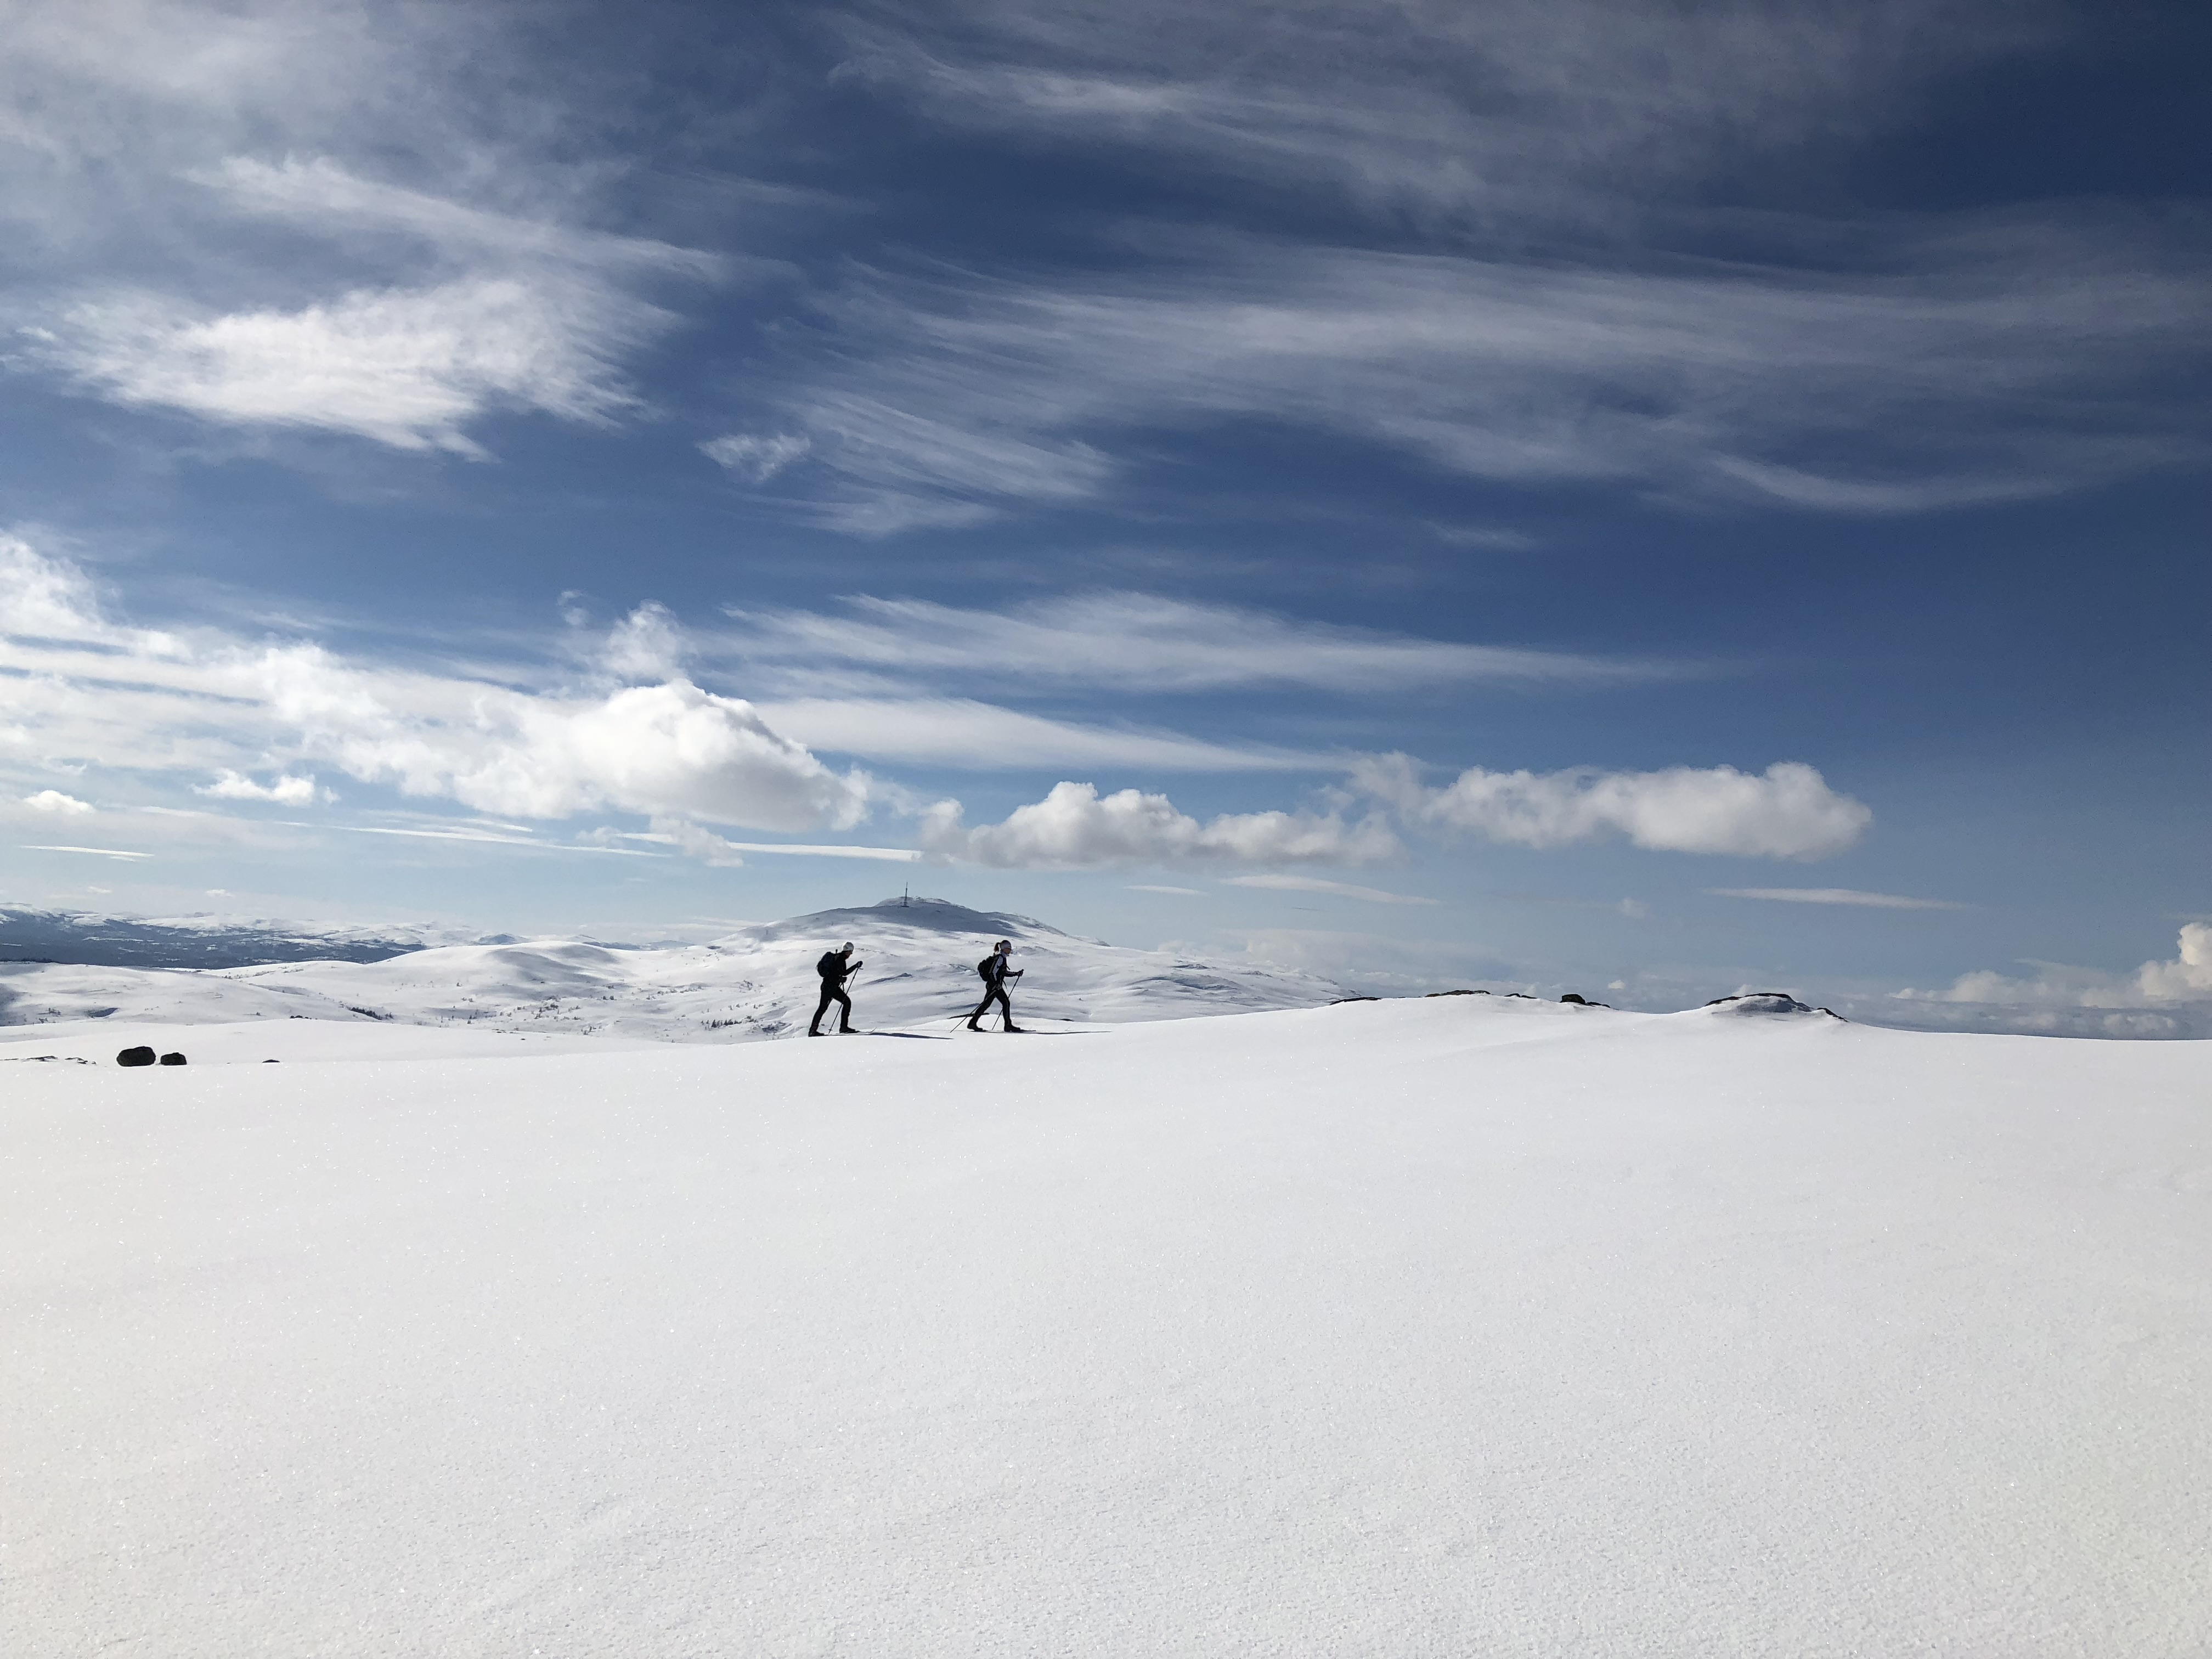 Jektheia, Namdalseid - topptur i Namdalen, Trøndelag. Foto: B.Snildal.